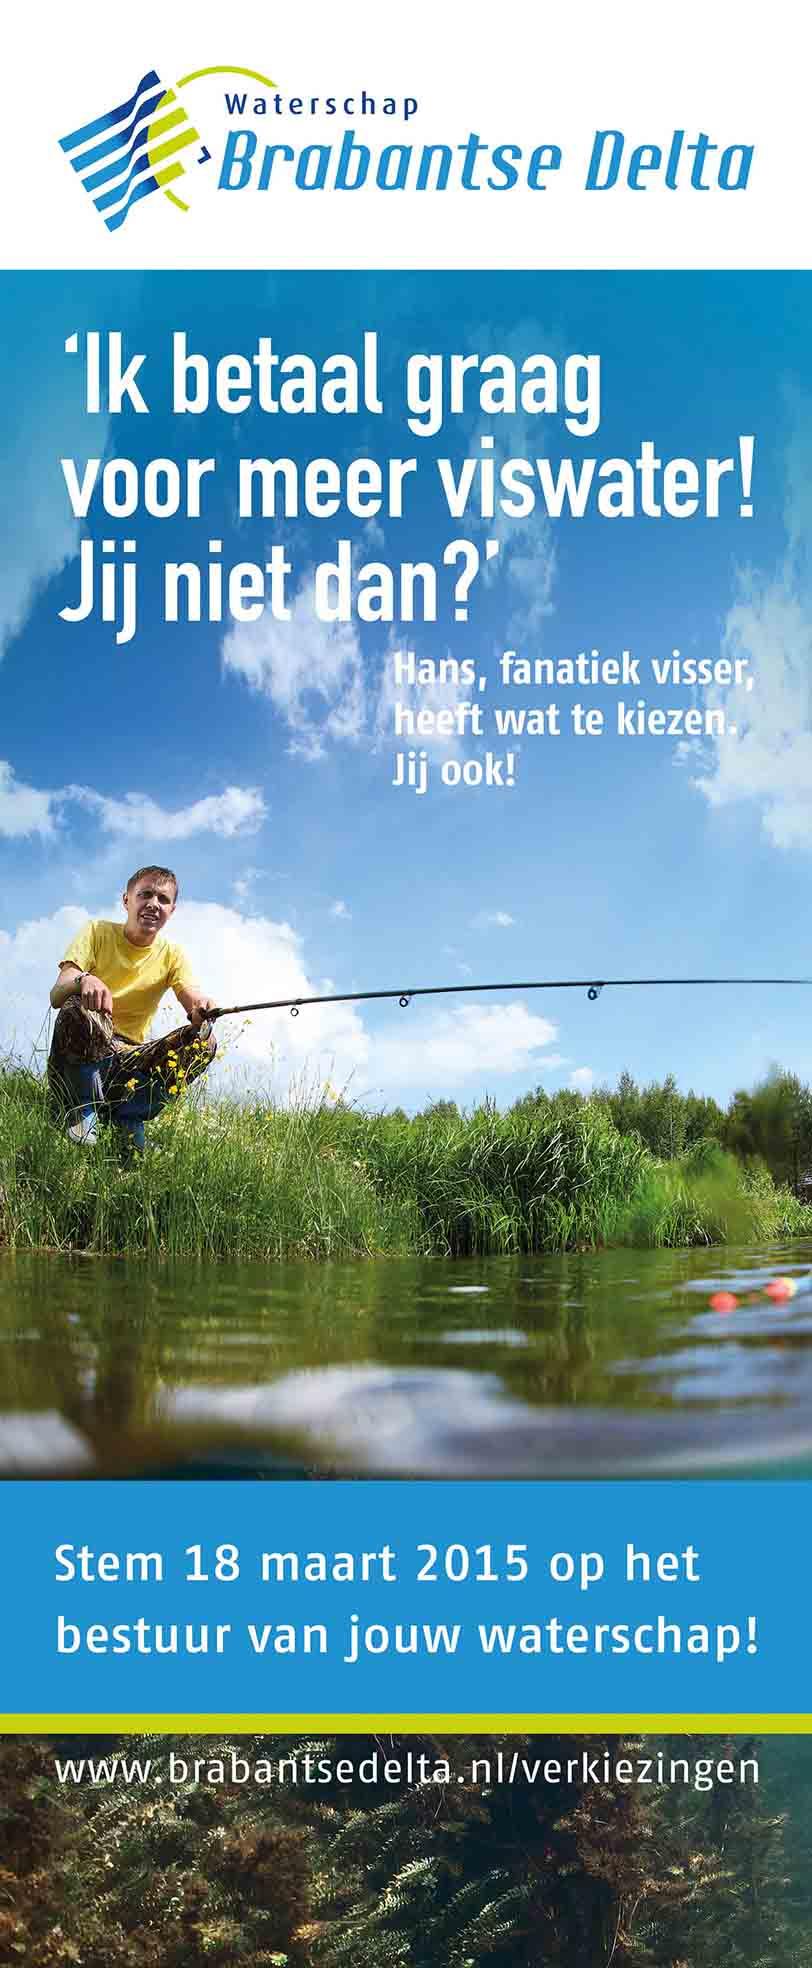 waterschap-brabantse-delta-poster